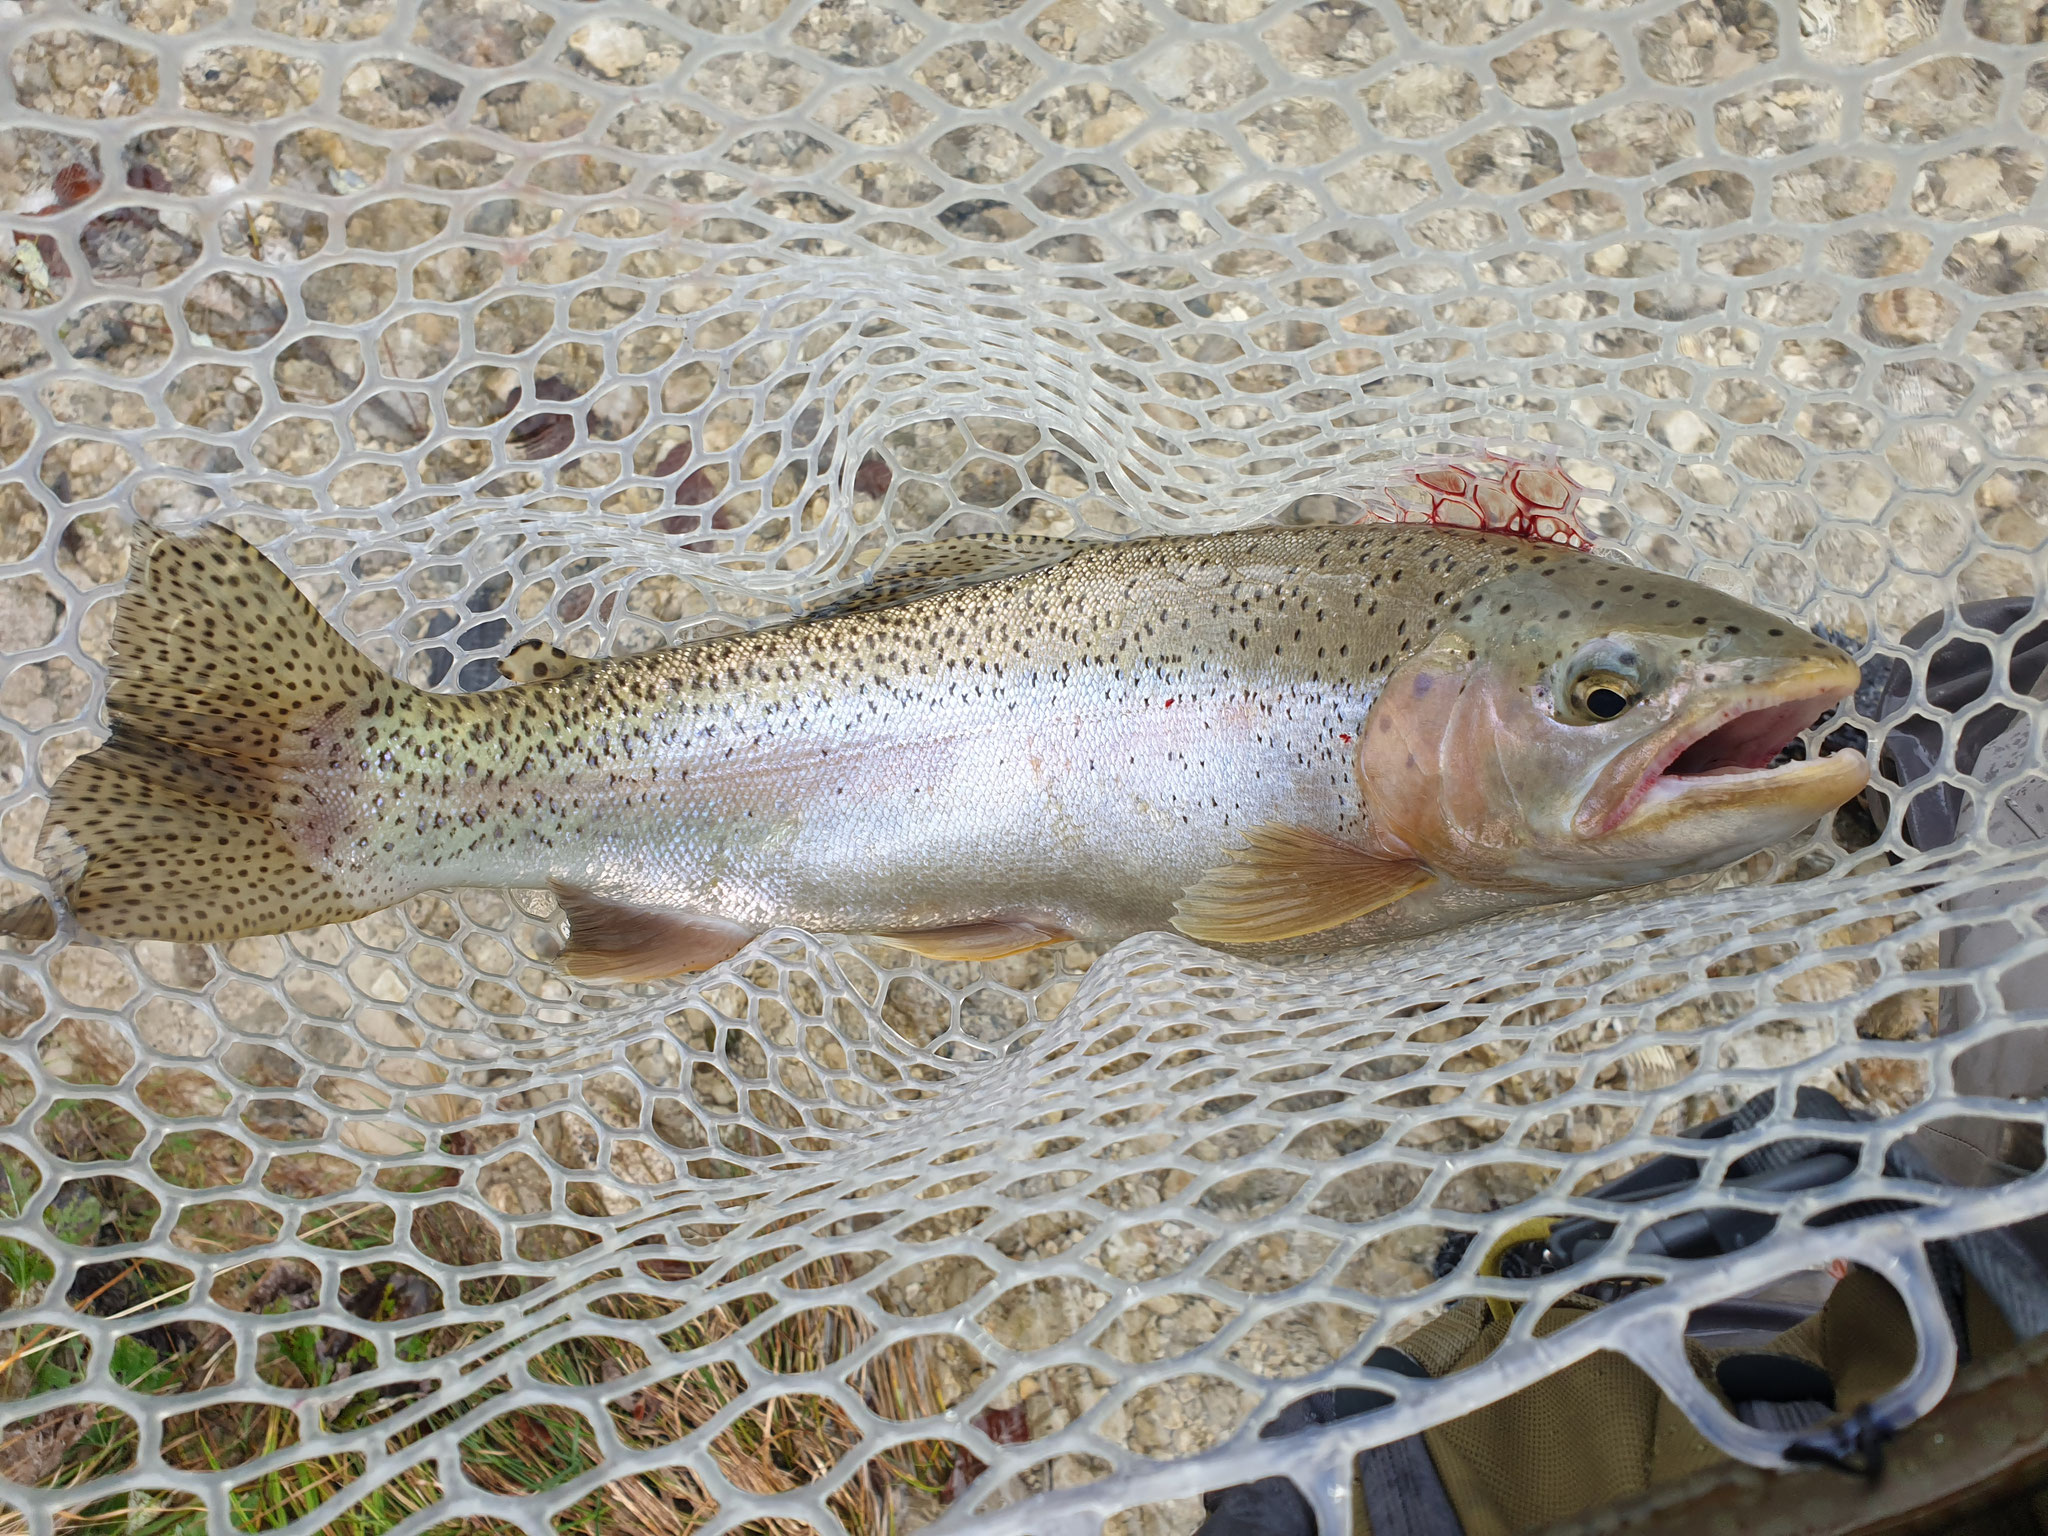 2020.10.18 traumhafter Fischtag an der Alm, Grünau, RB Milchner 60 cm